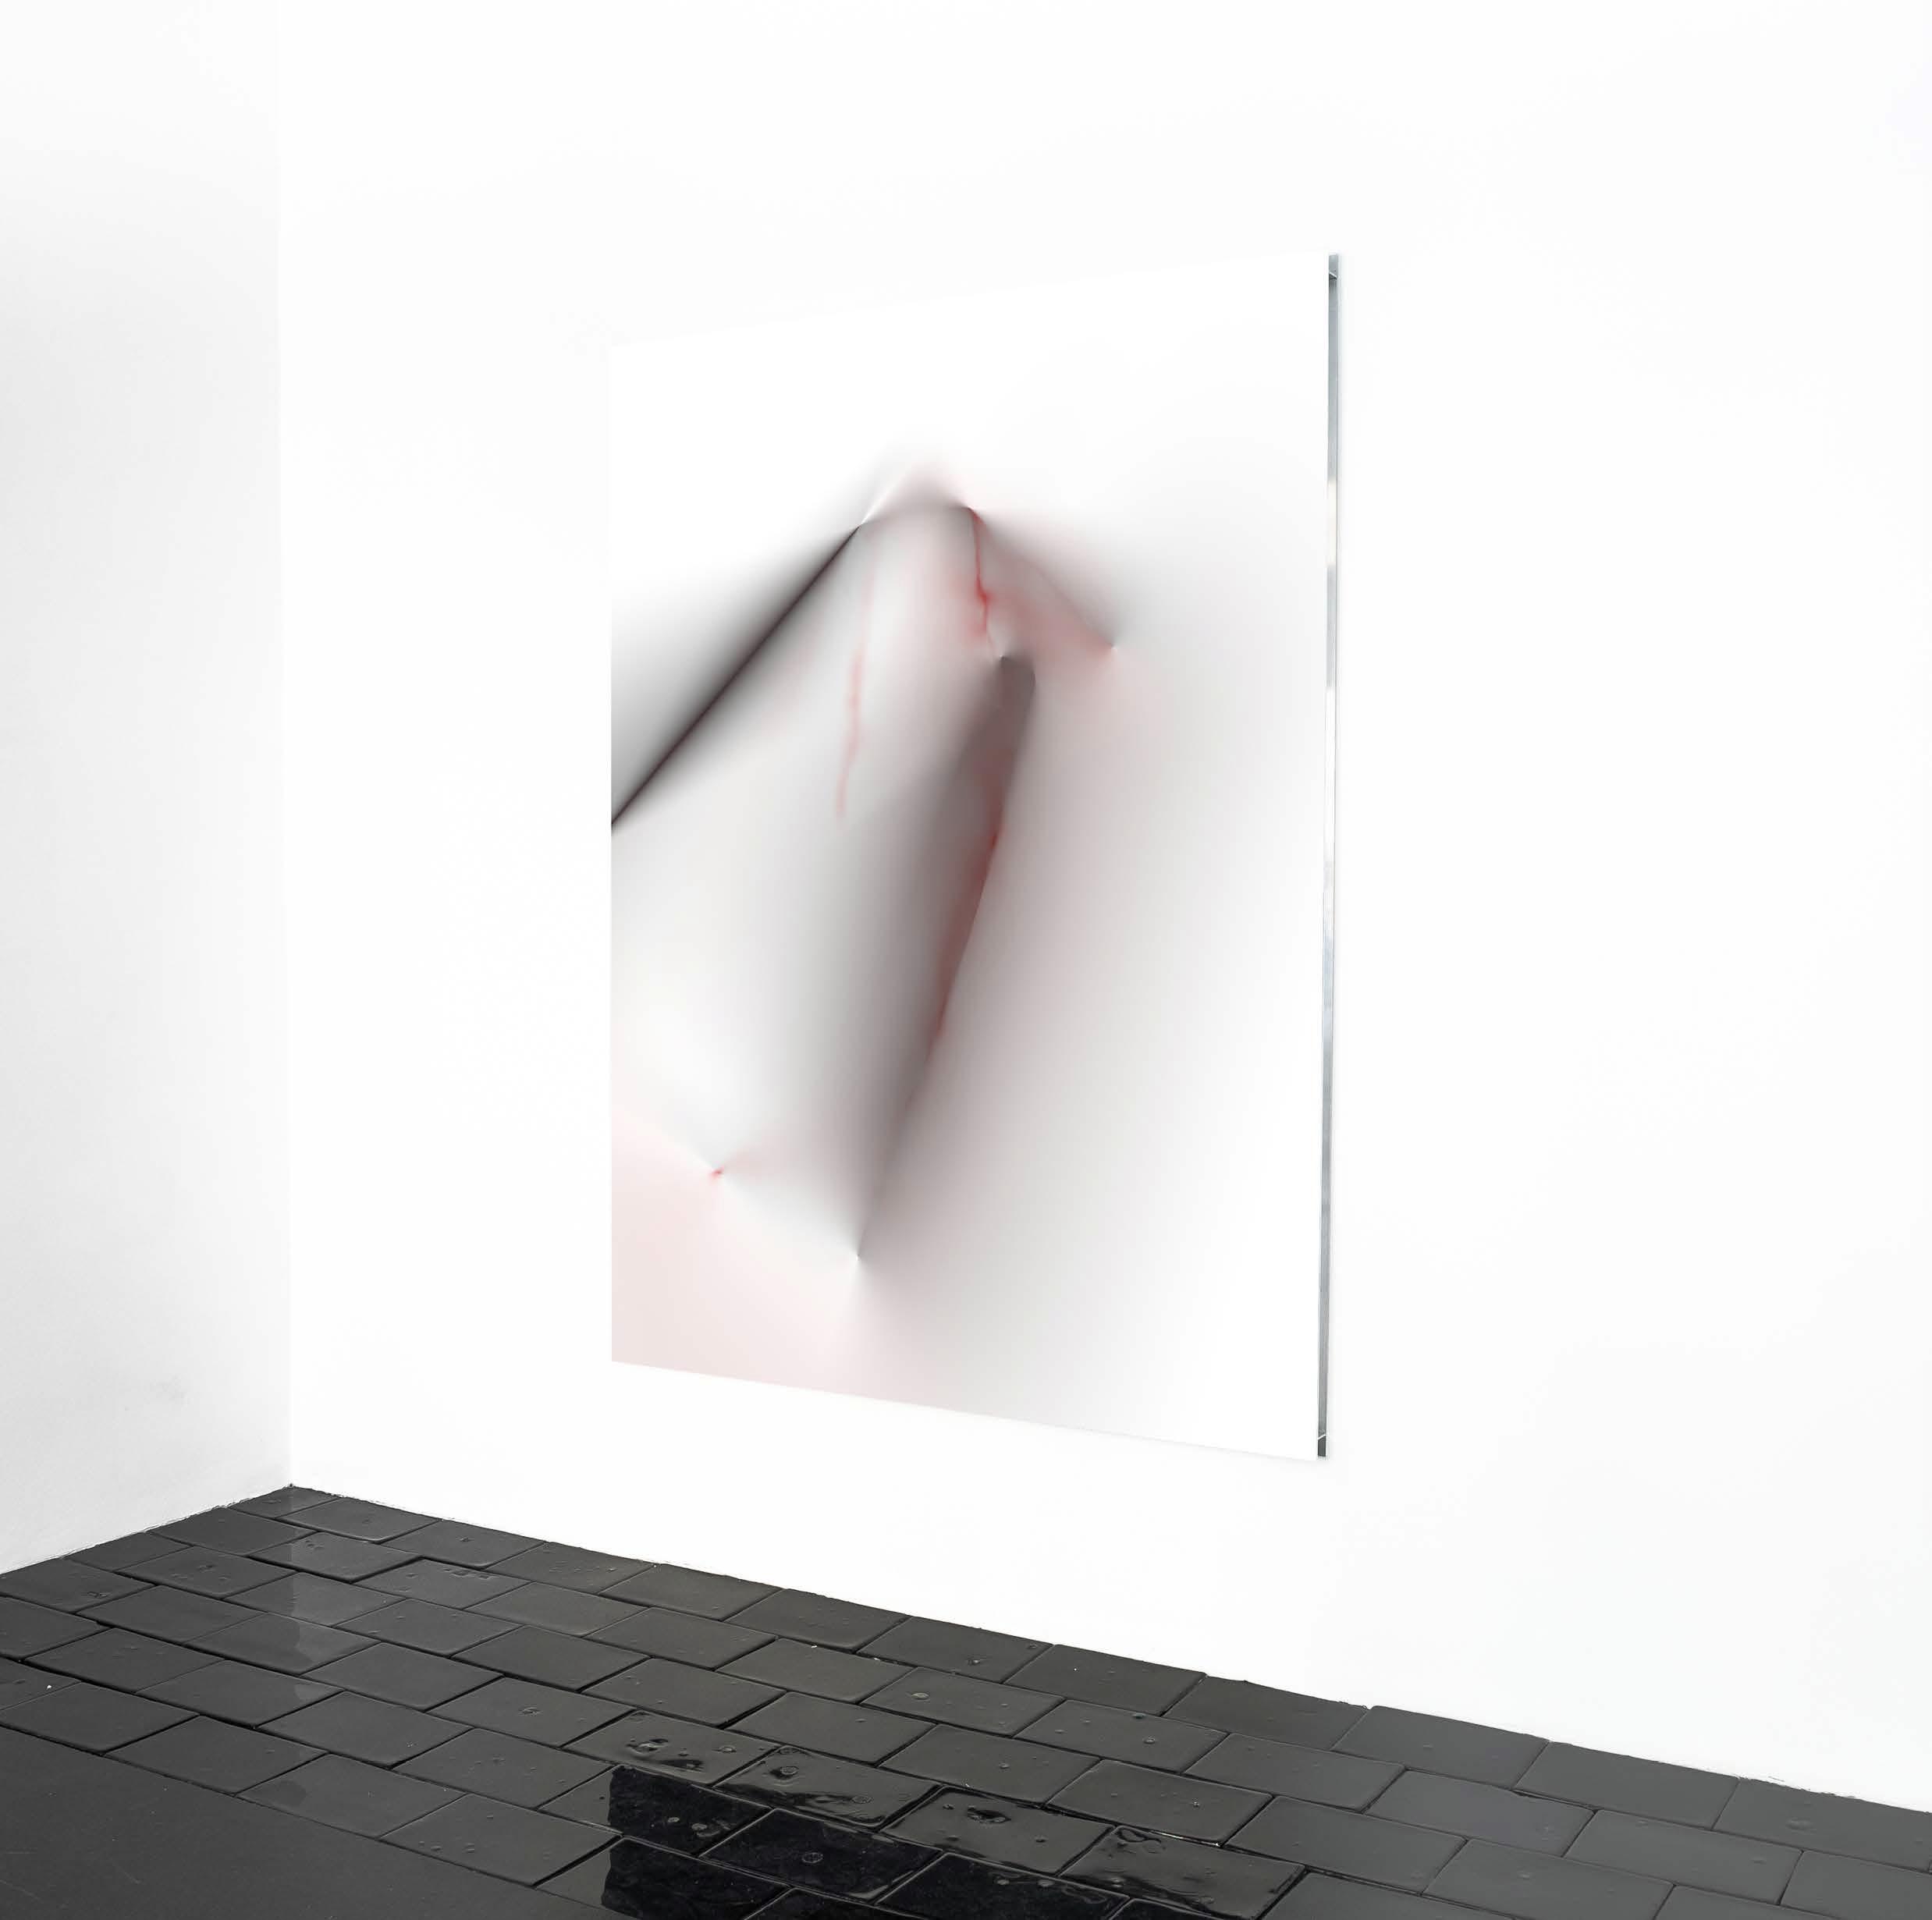 Das ist ein Bild von Lev Khesin